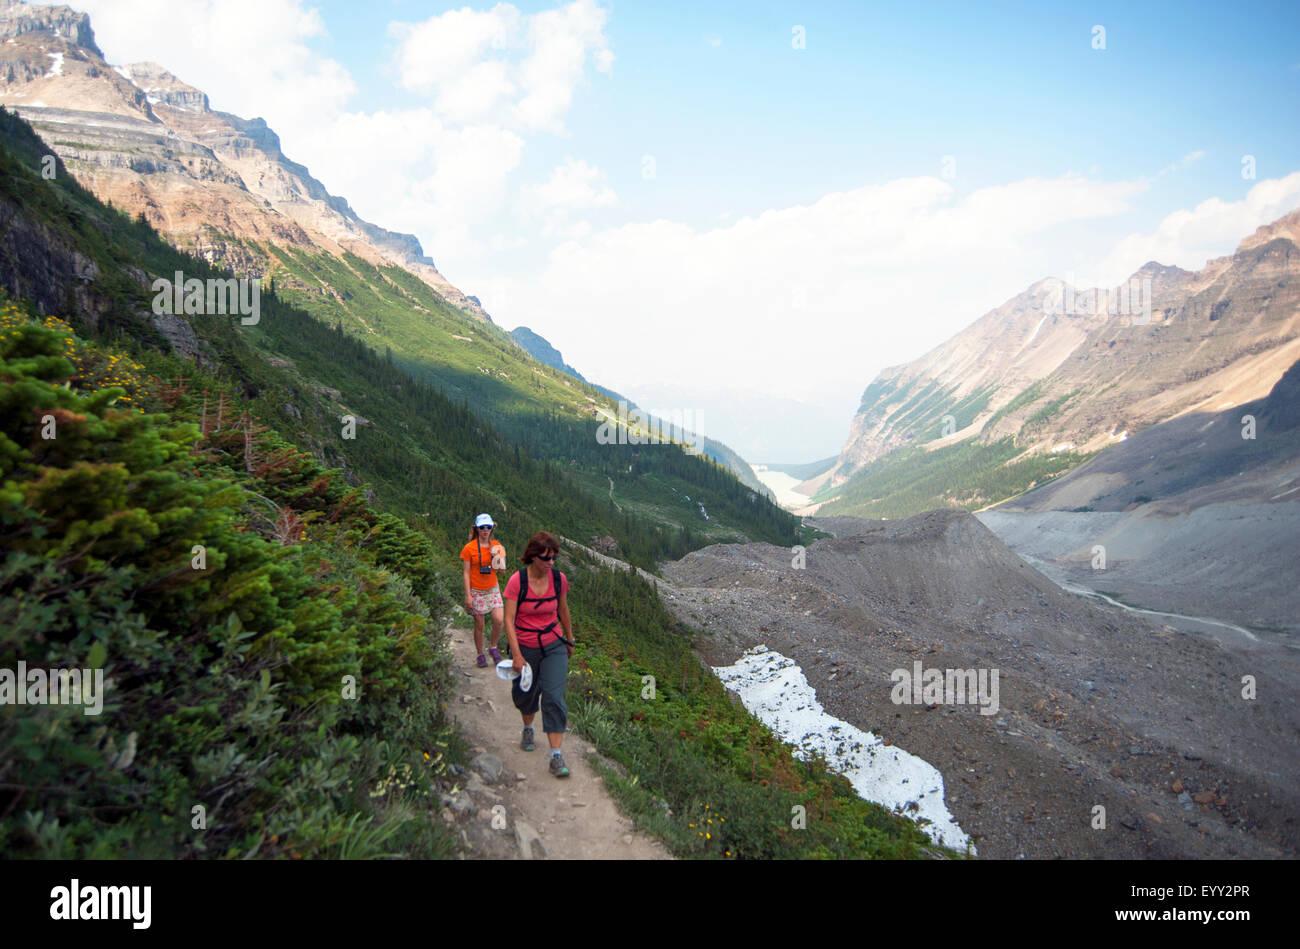 Caucasian madre e figlia escursionismo su sei ghiacciai Trail, Banff, Alberta, Canada Immagini Stock